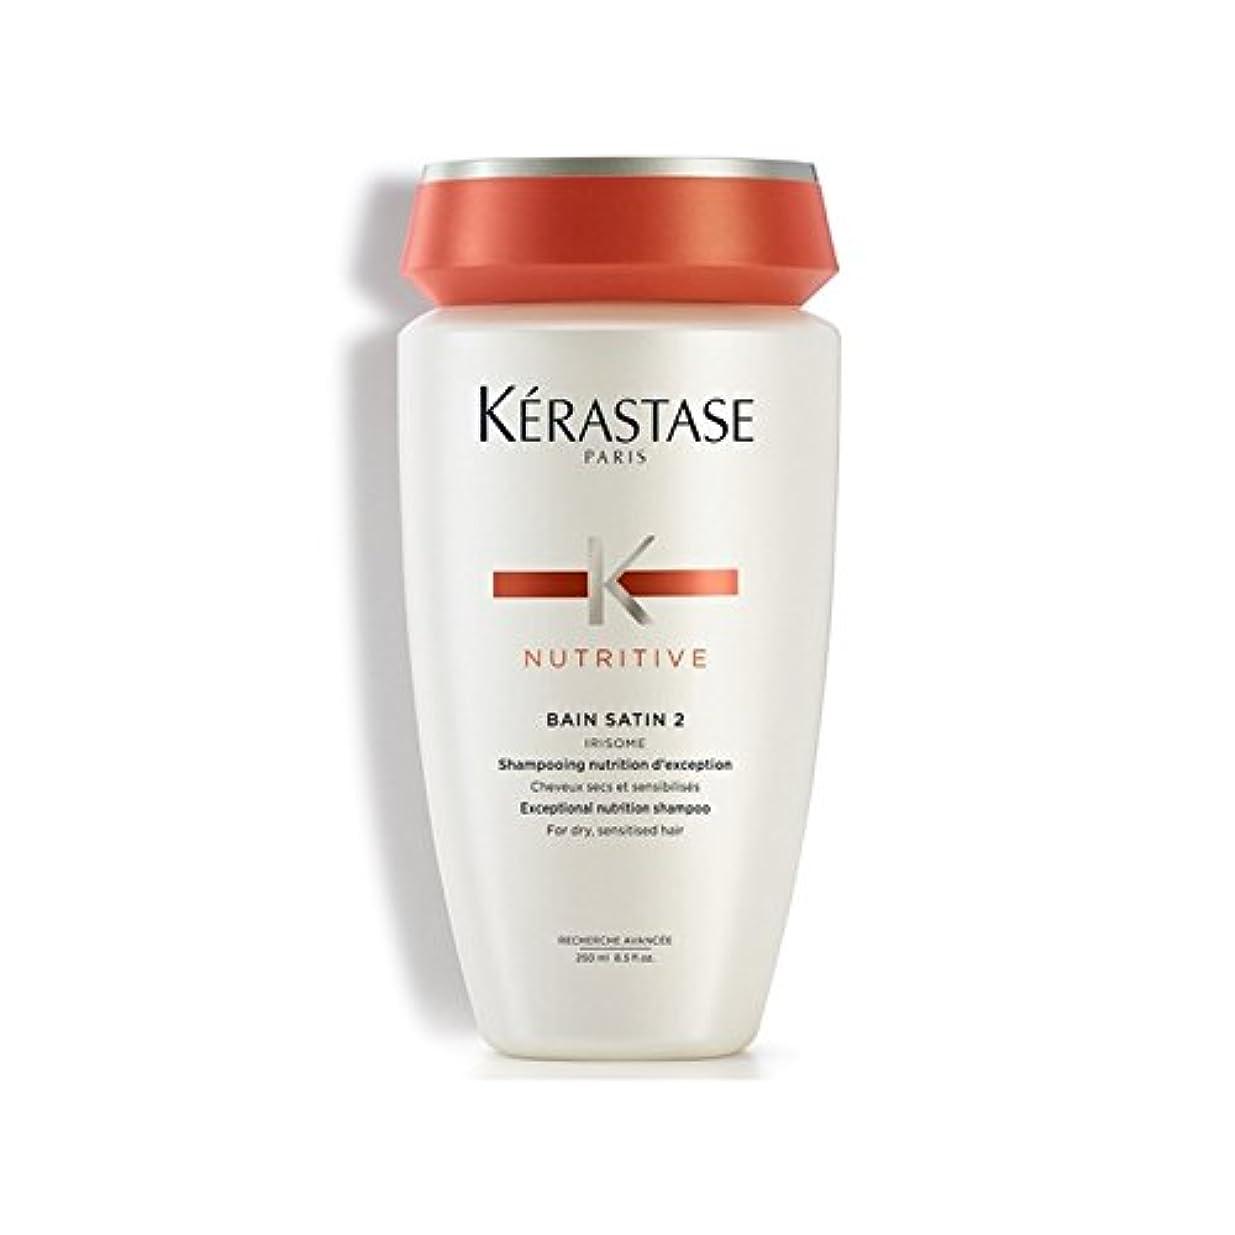 抜け目がない職業自伝K?rastase Nutritive Bain Satin 2 250ml - ケラスターゼ栄養ベインサテン2 250ミリリットル [並行輸入品]